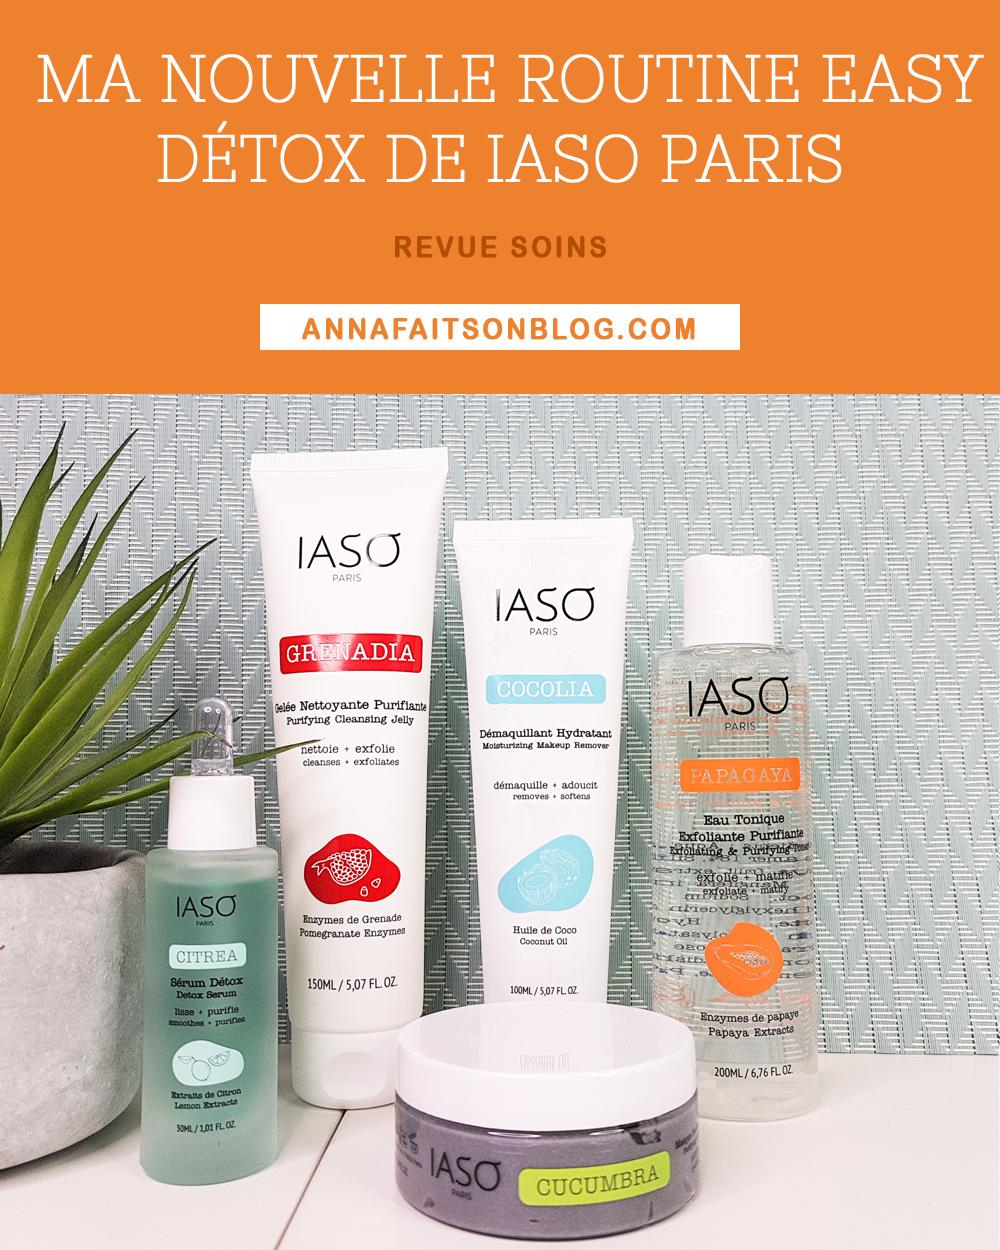 Routine Easy Détox de Iaso Paris